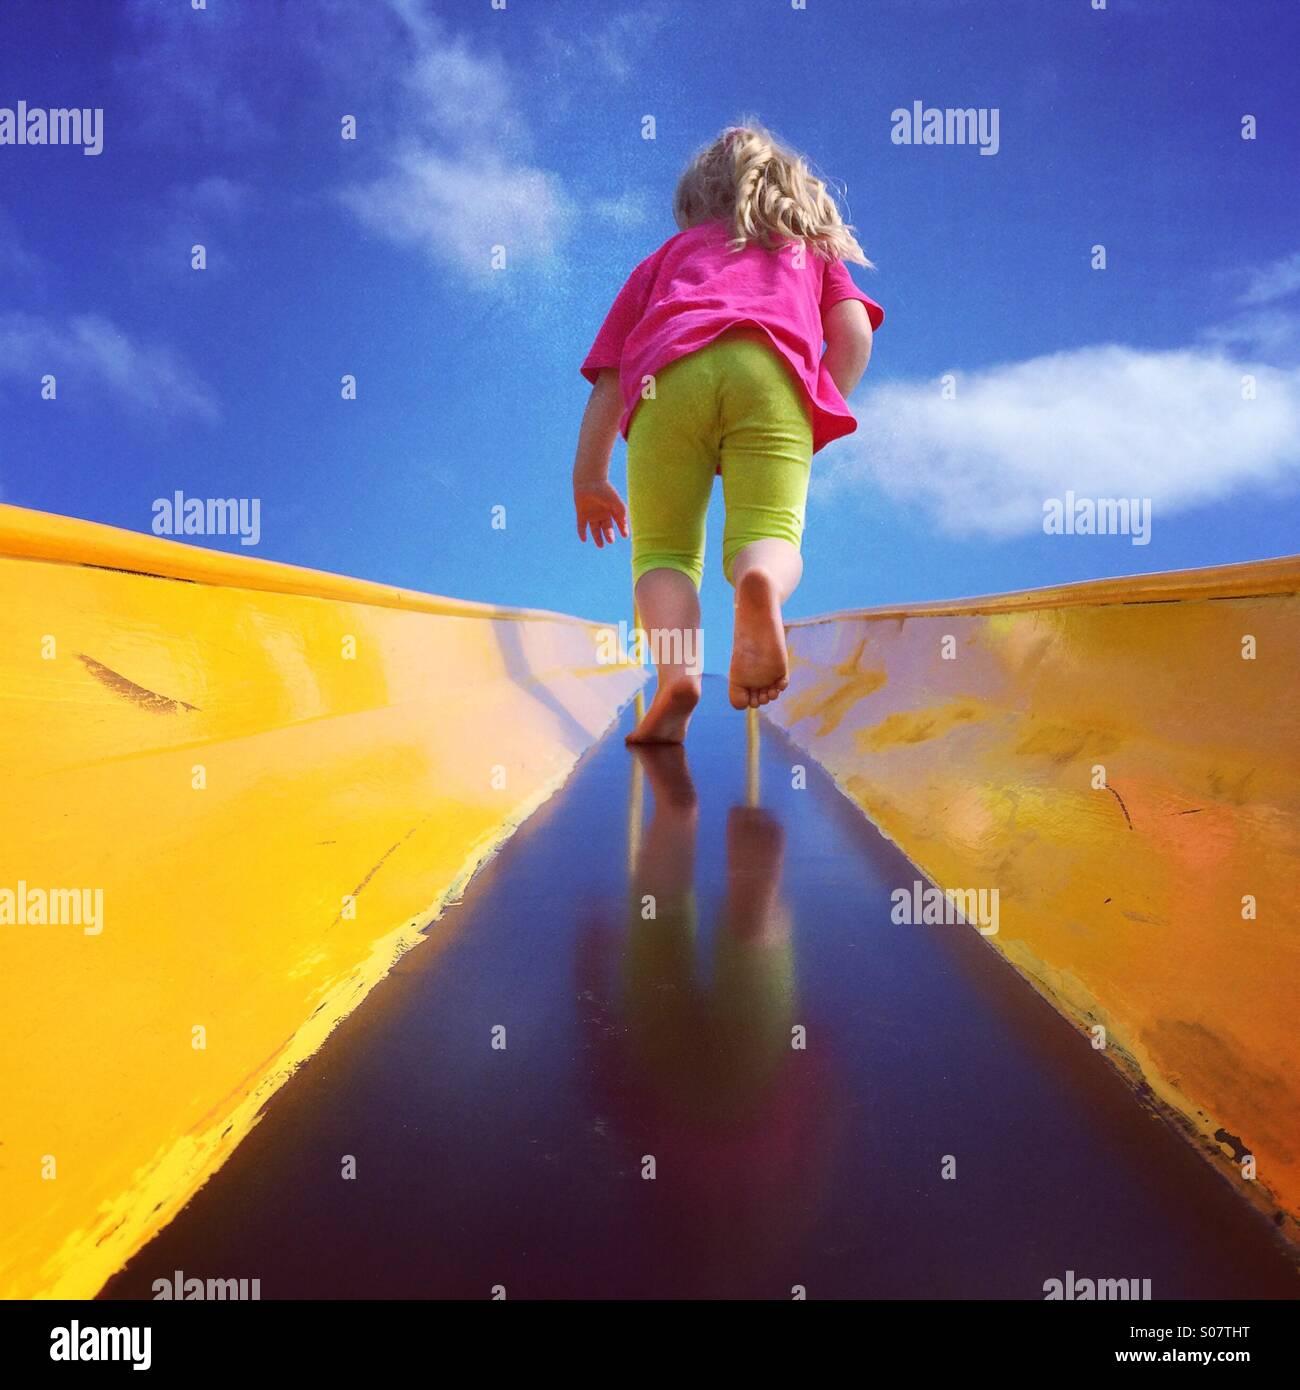 Spielen im park Stockbild